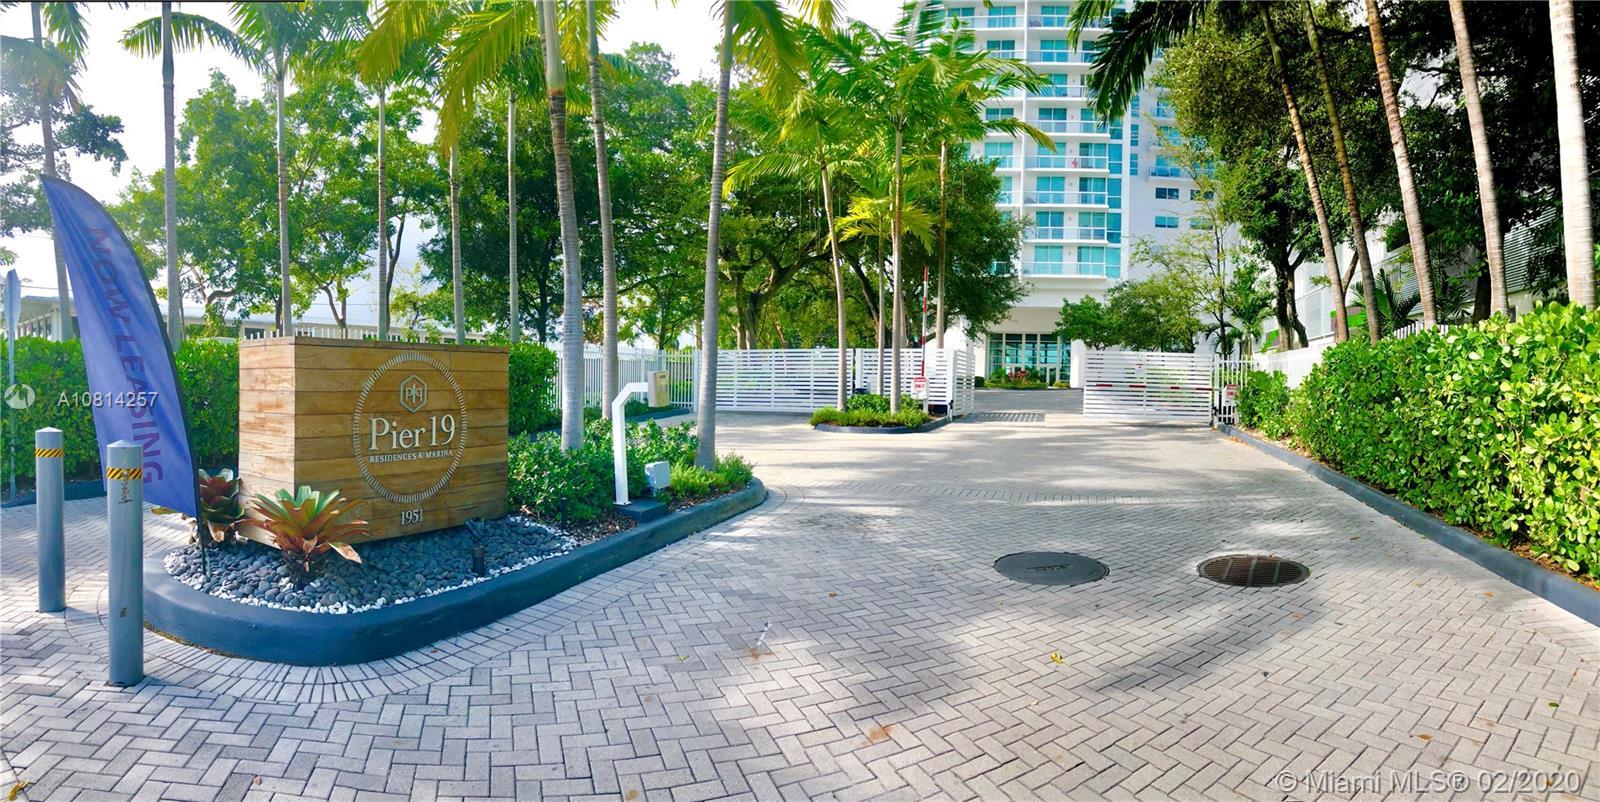 1951 NW South River Dr #1506, Miami, FL 33136 - Miami, FL real estate listing